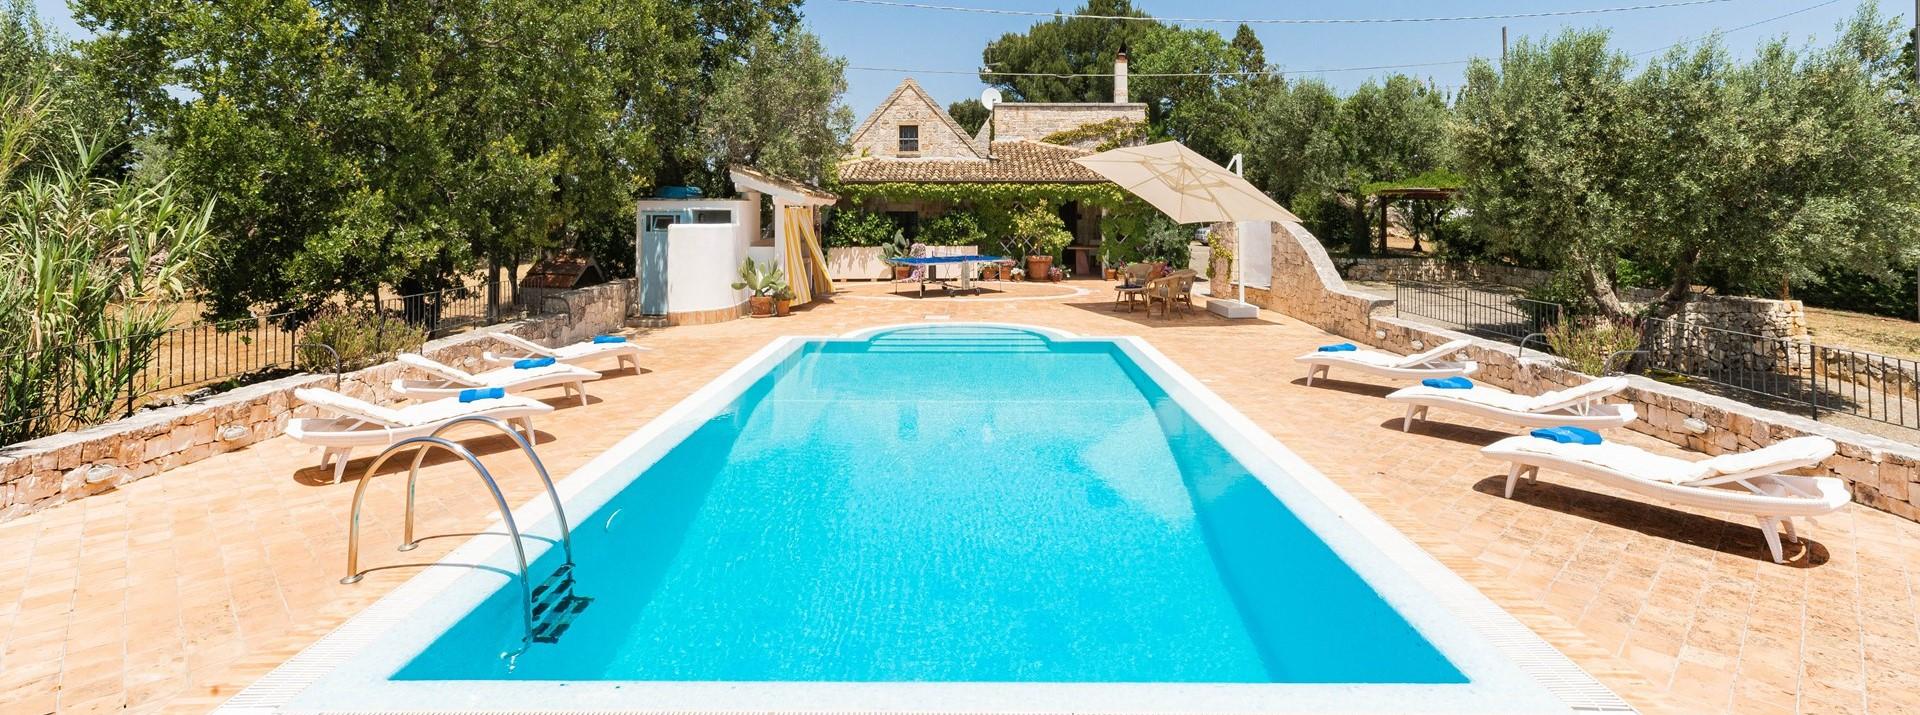 luxury-3-bed-pool-villa-puglia